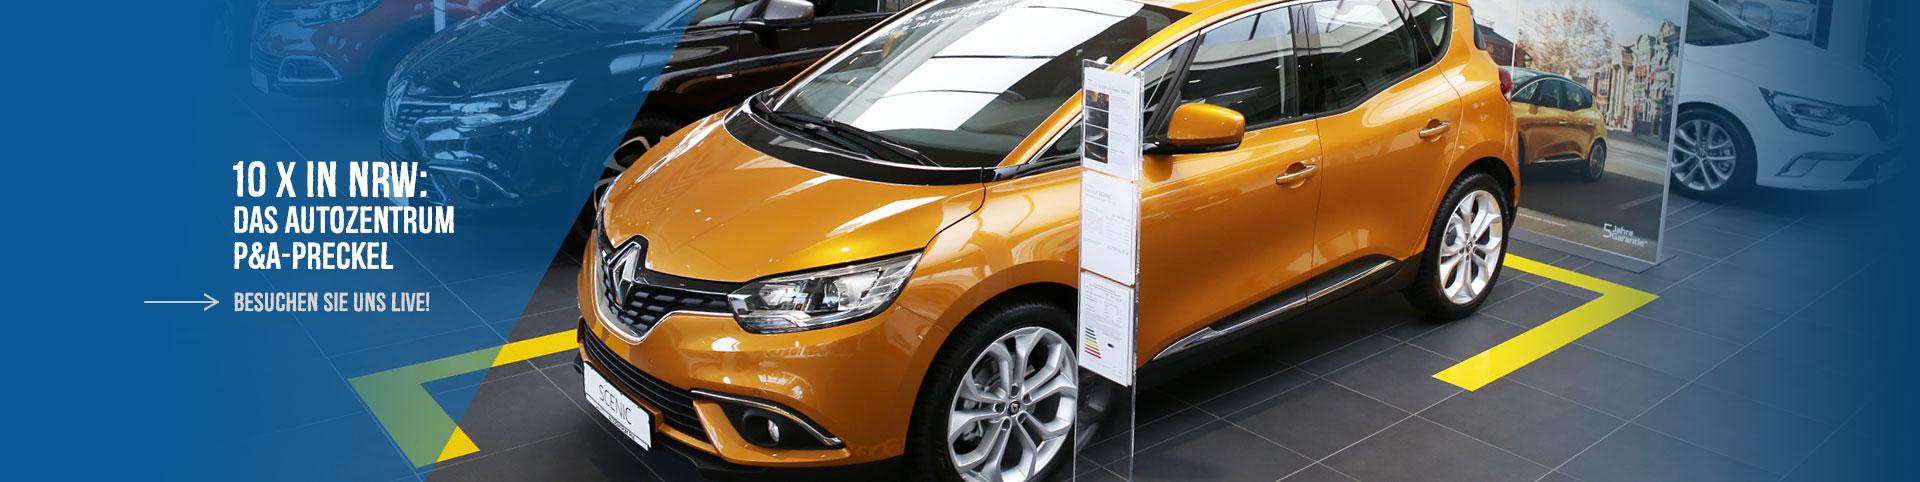 Renault in NRW: Autozentrum P&A-Preckel